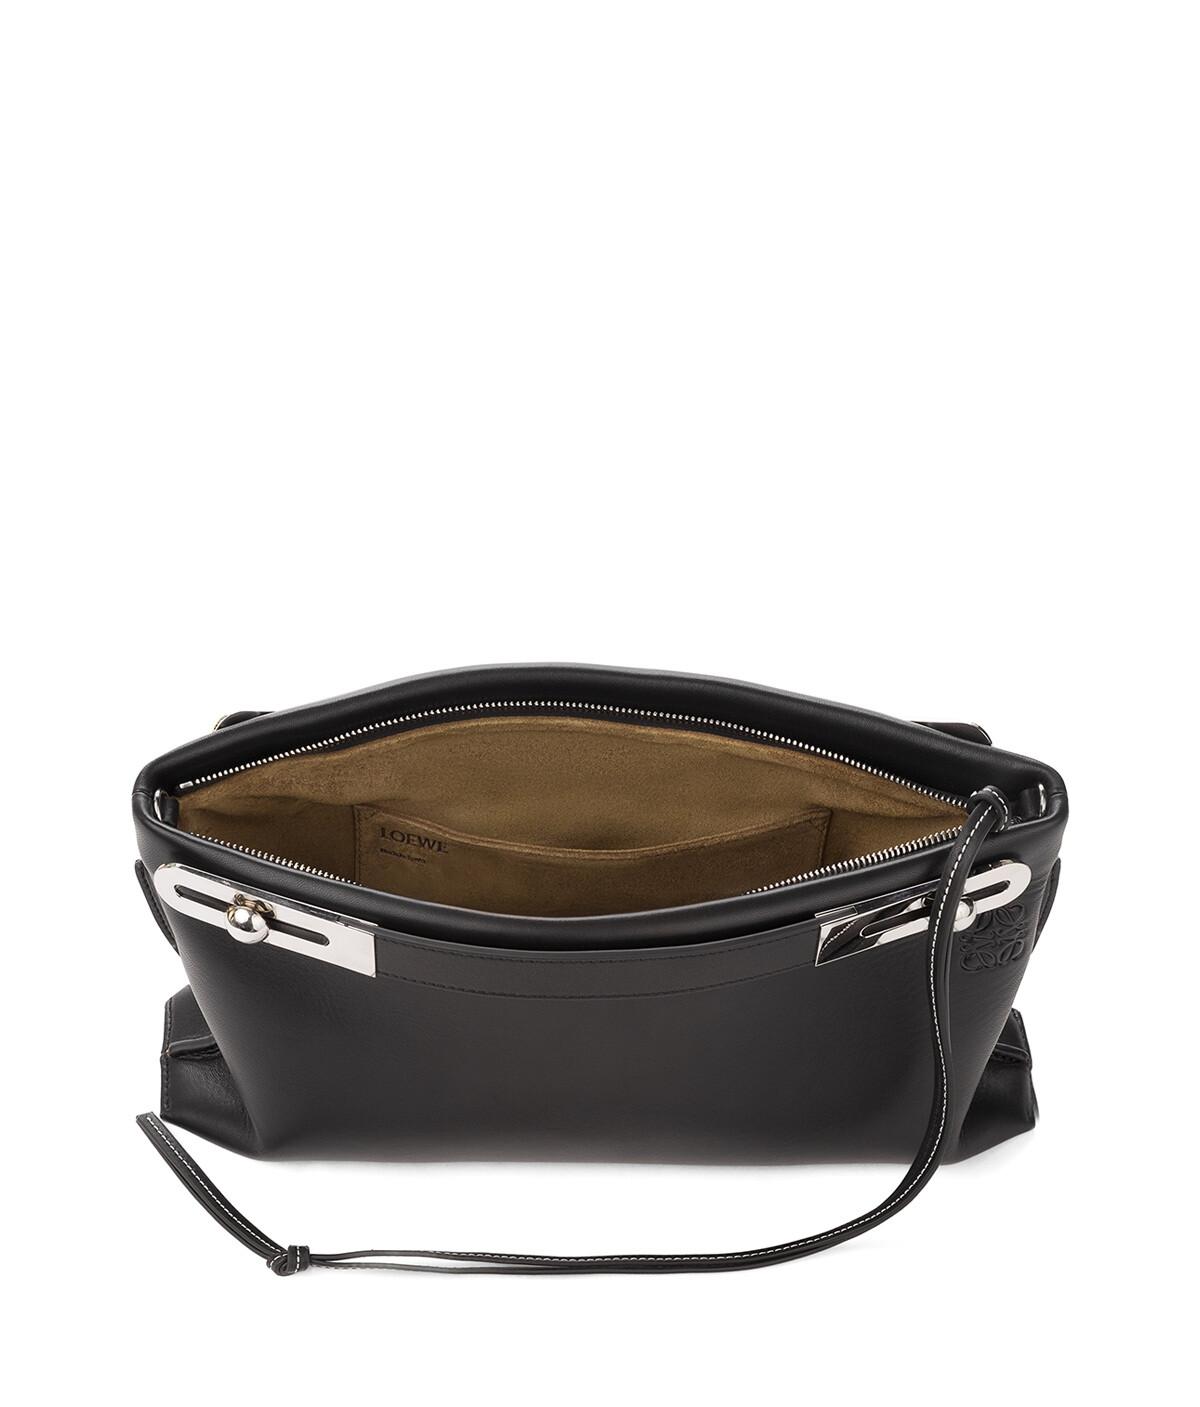 LOEWE Missy Bag Black front